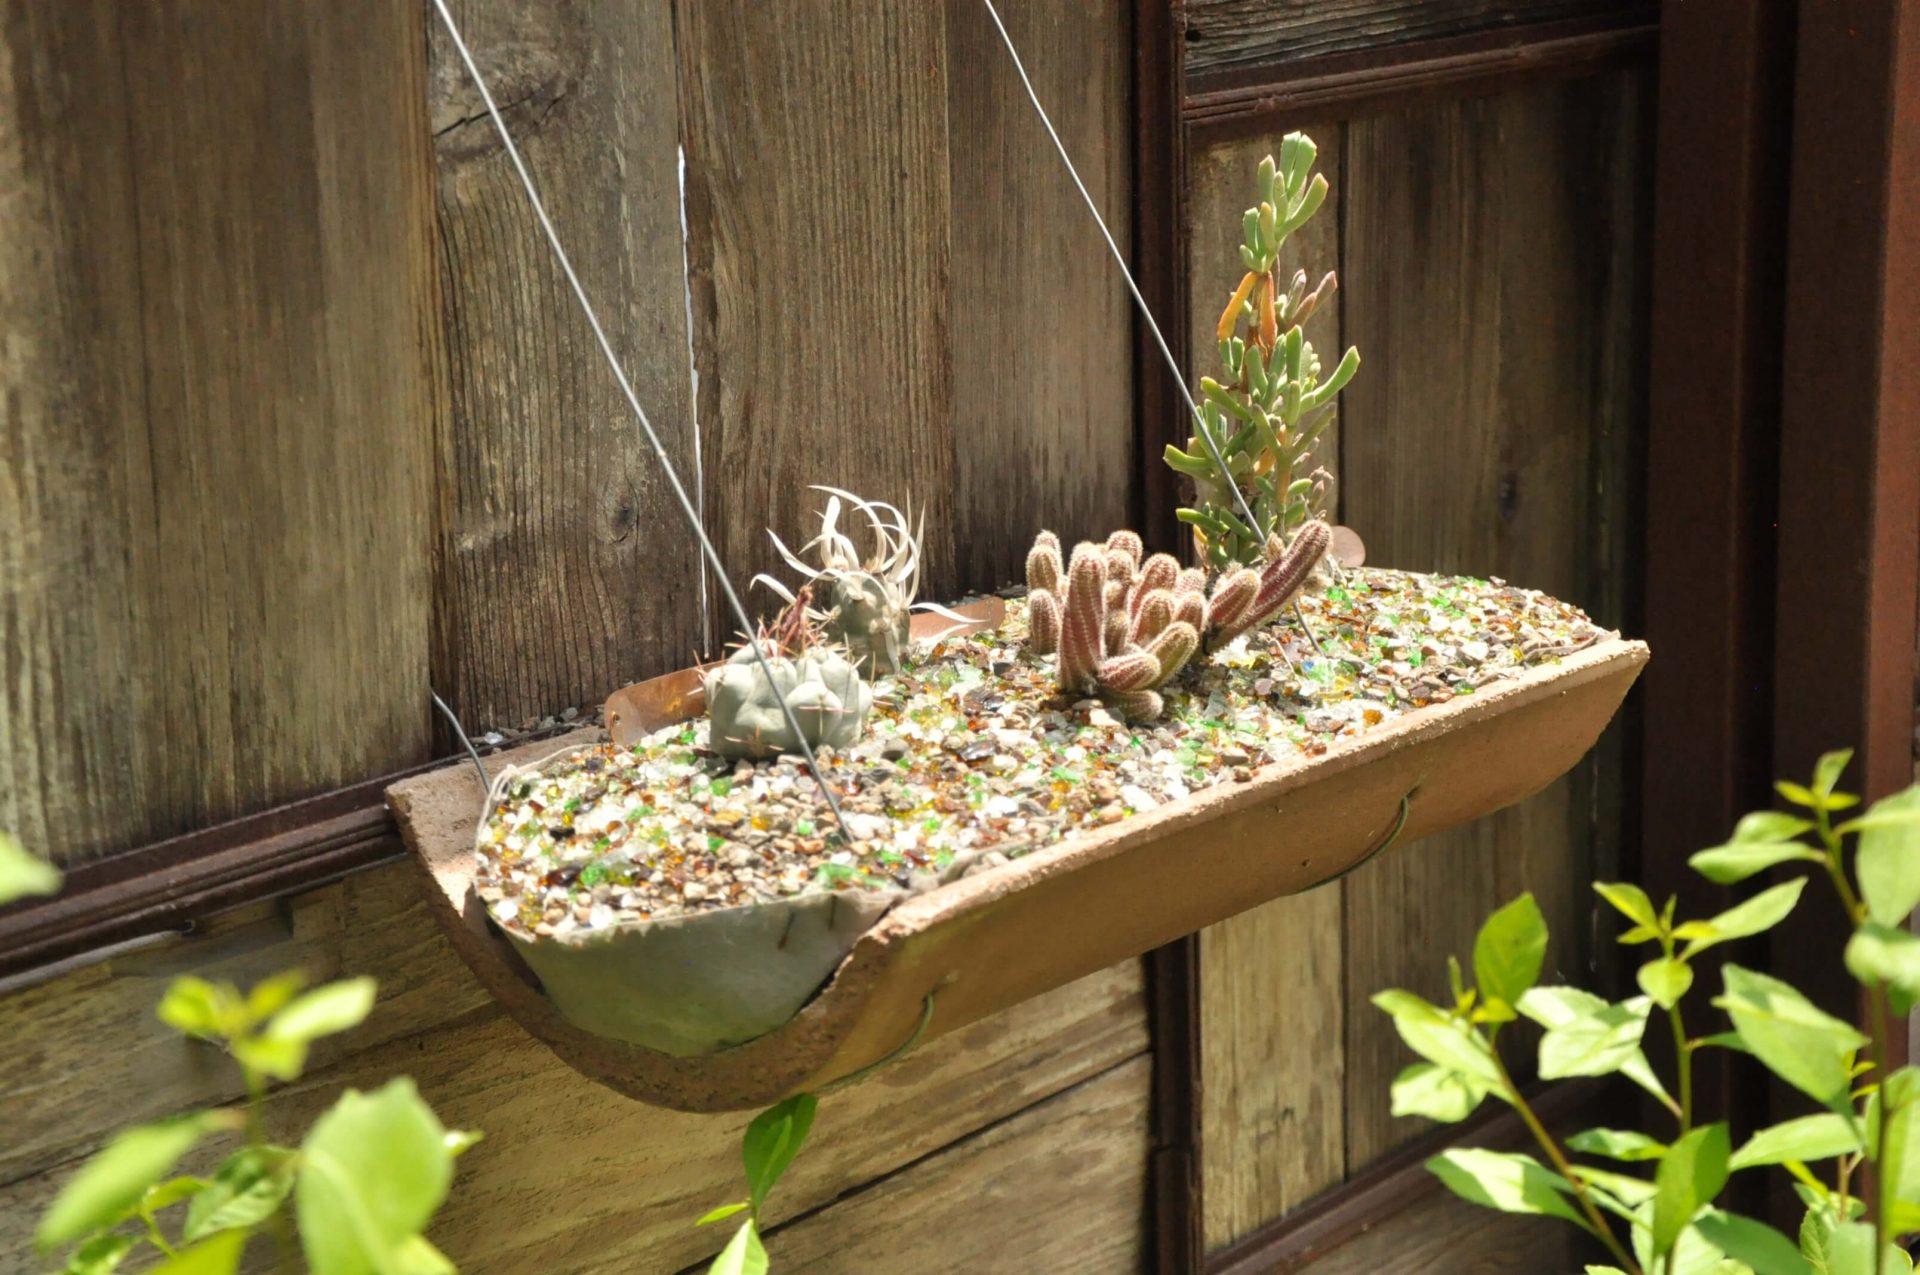 Kvetinác-z-prebytocneho-narozia-vyuzitie-starej-skridle-inspiracia-do-zahrady